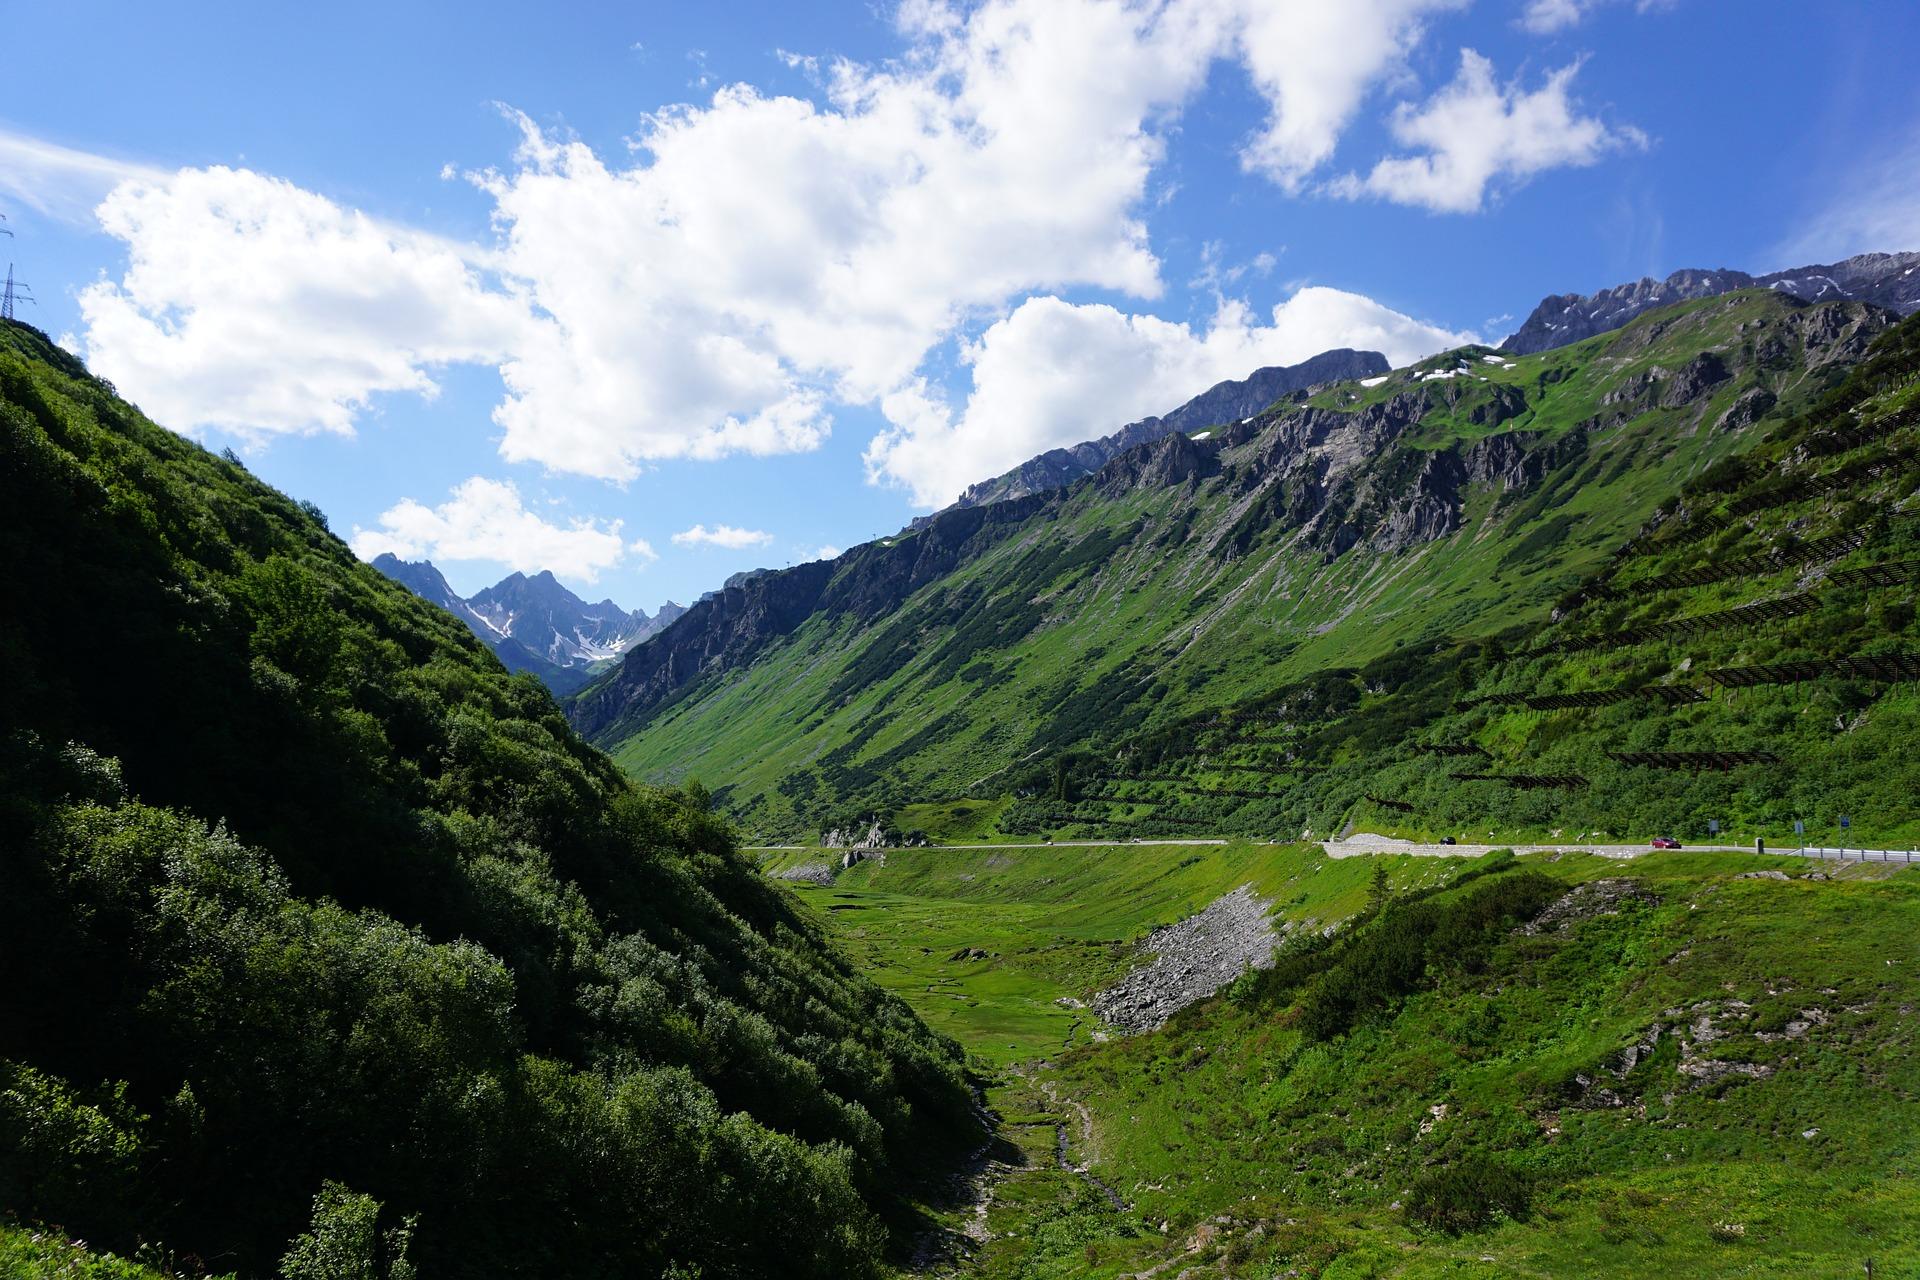 Die Grenze zu Italien, der Brenner. Der Pass ist einer der wichtigsten Verkehrsknotenpunkte nach Italien.